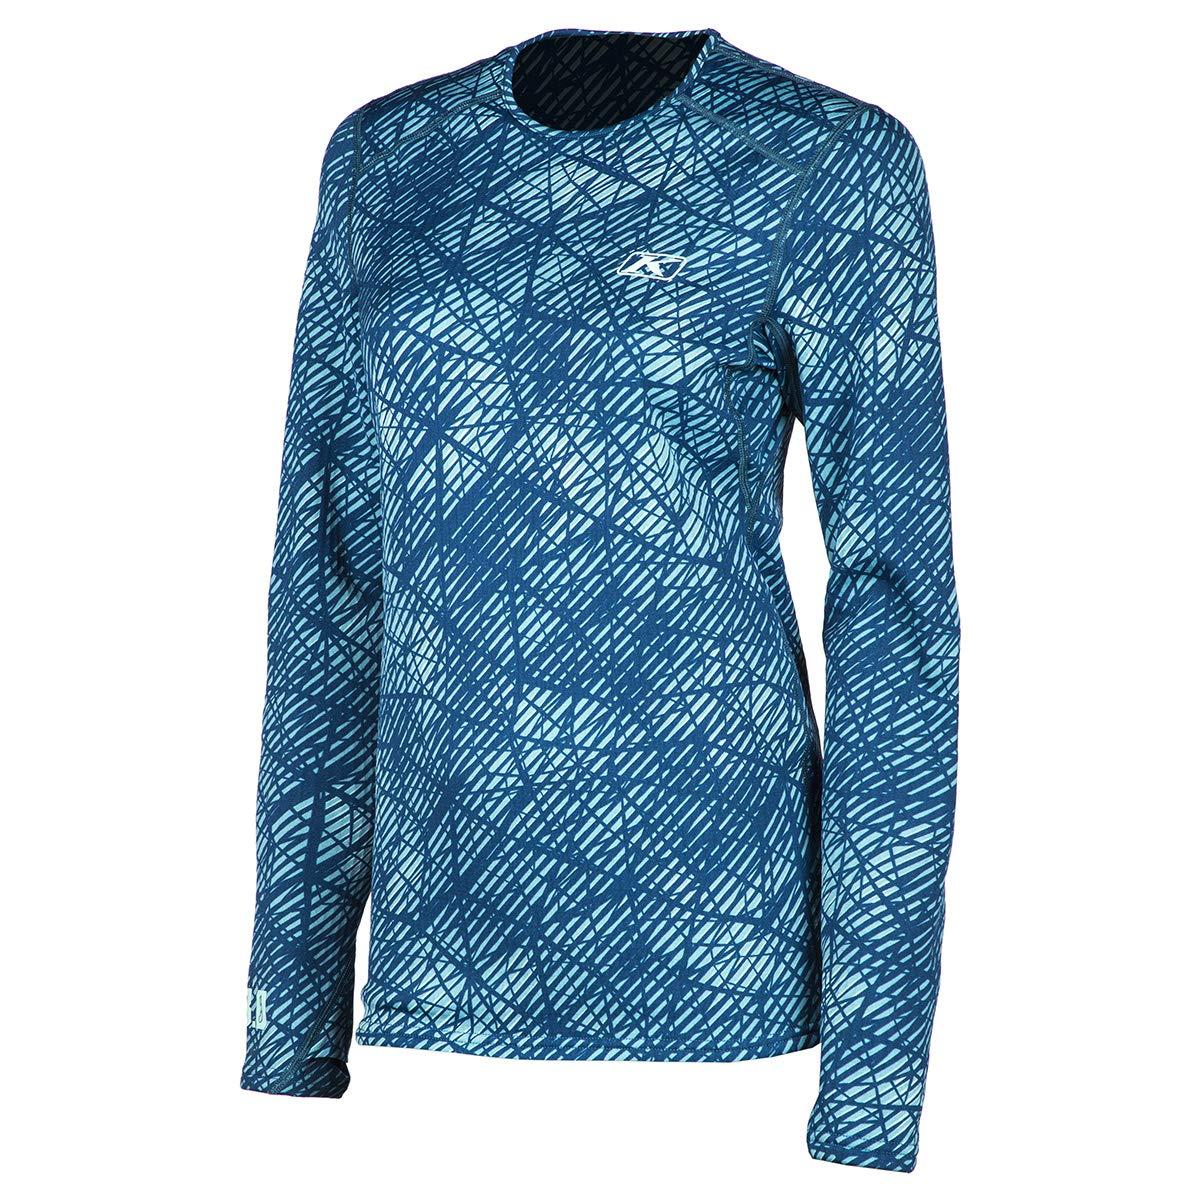 KLIM Solstice Shirt 3.0 LG Black 3287-002-140-000